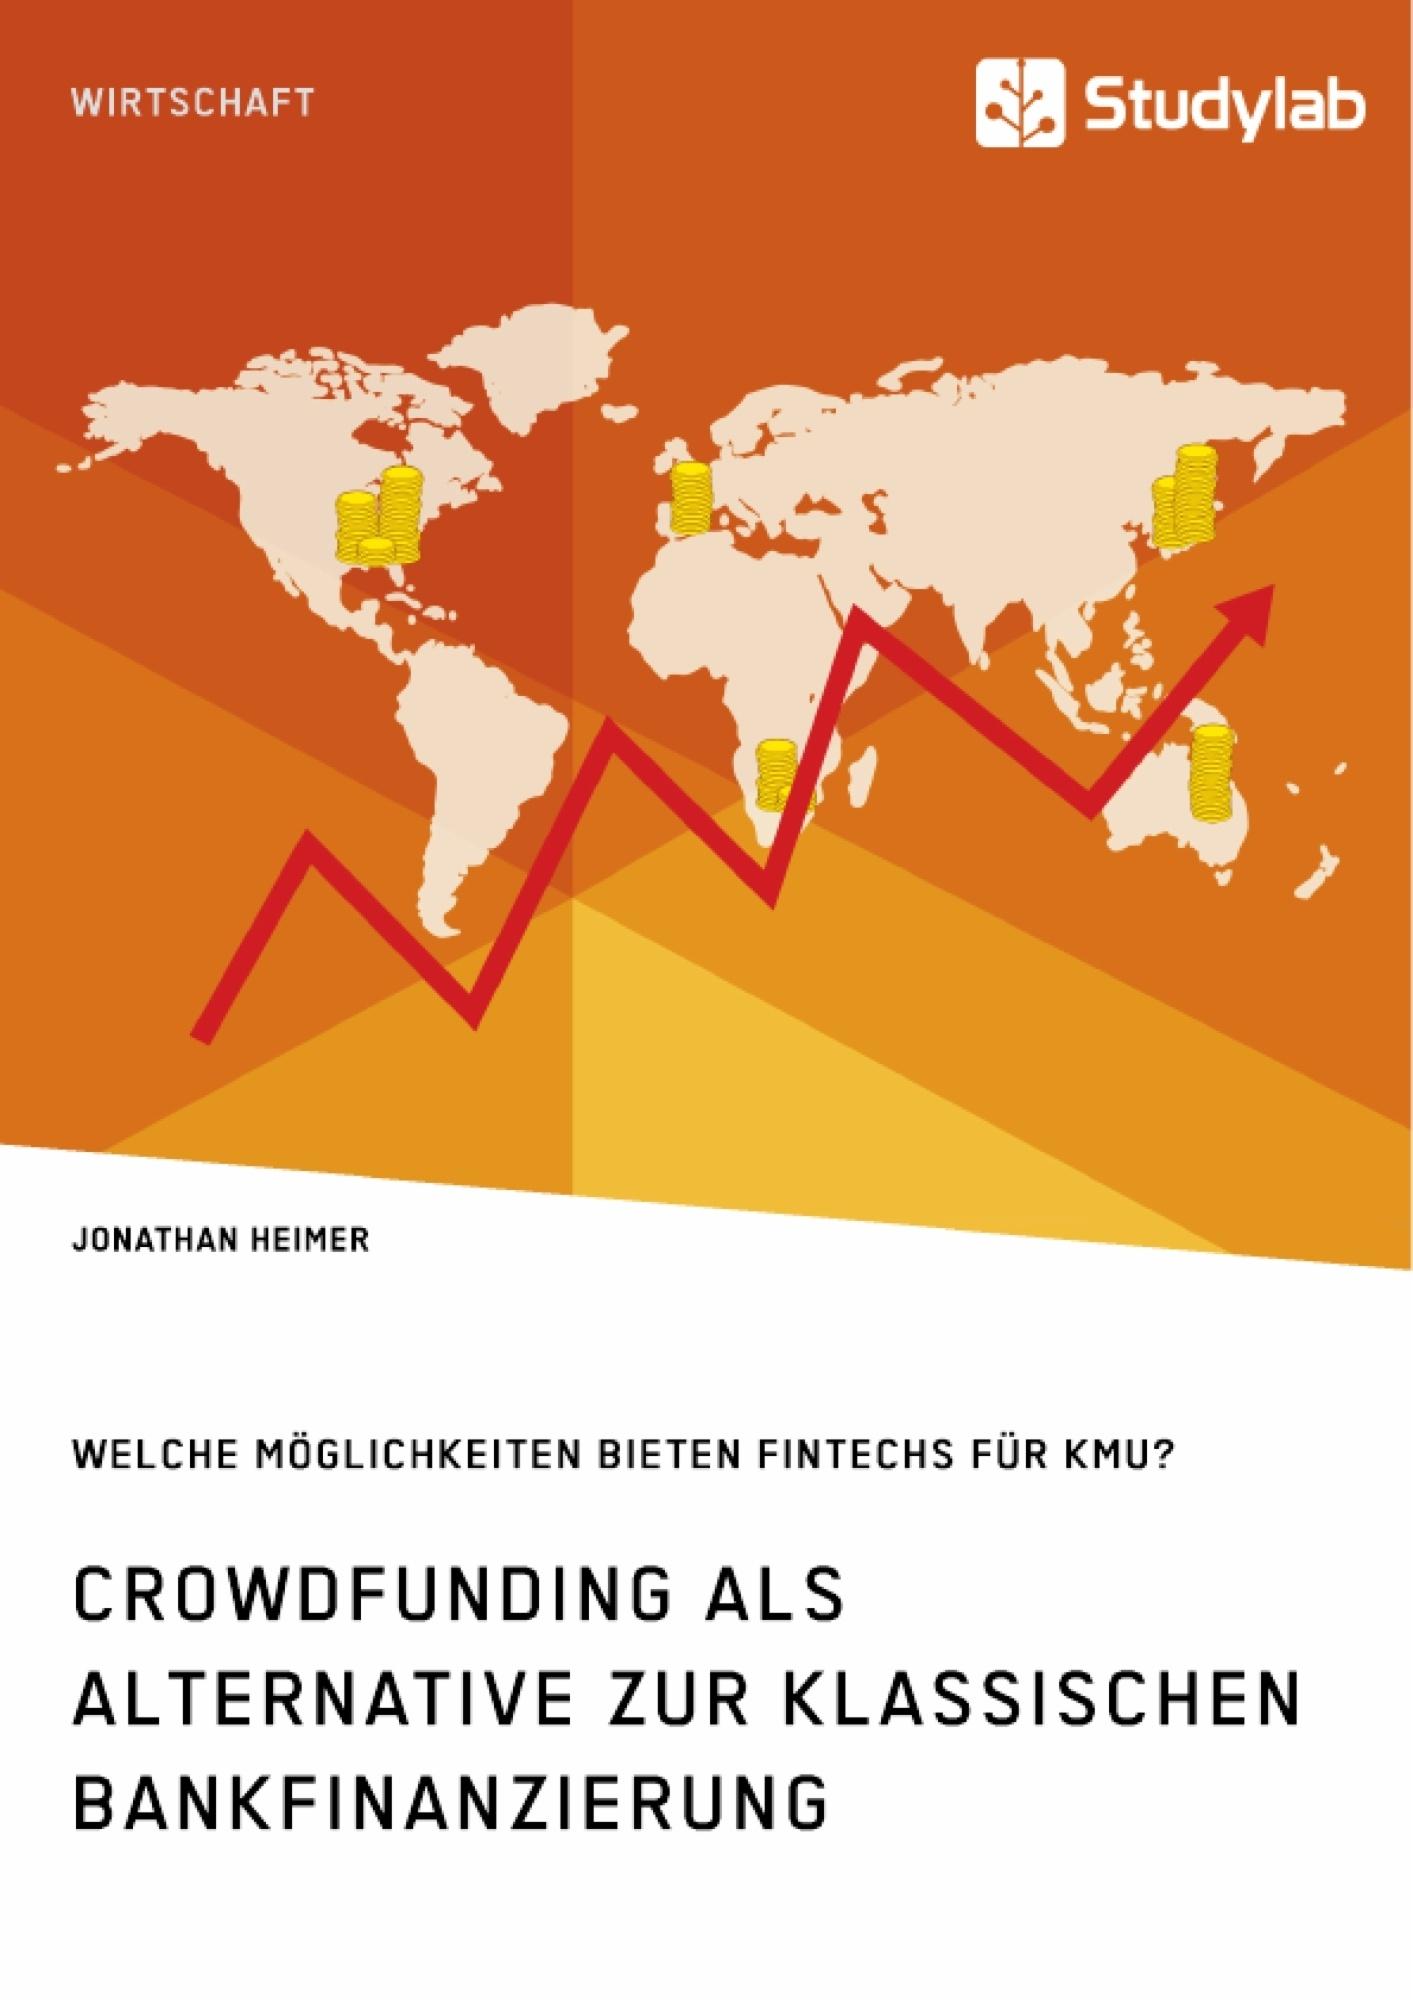 Titel: Crowdfunding als Alternative zur klassischen Bankfinanzierung. Welche Möglichkeiten bieten Fintechs für KMU?